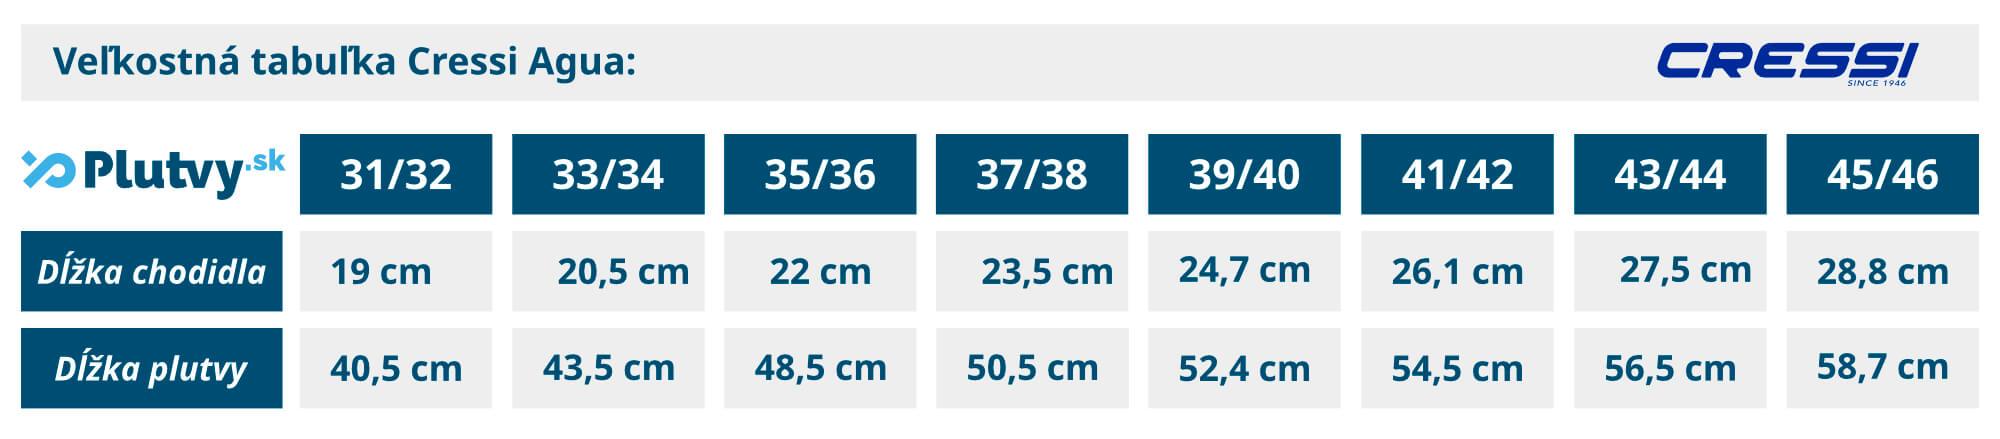 tabuľka veľkostí, plutvy na šnorchlovanie, Cressi Agua, v e-shope Plutvy.sk